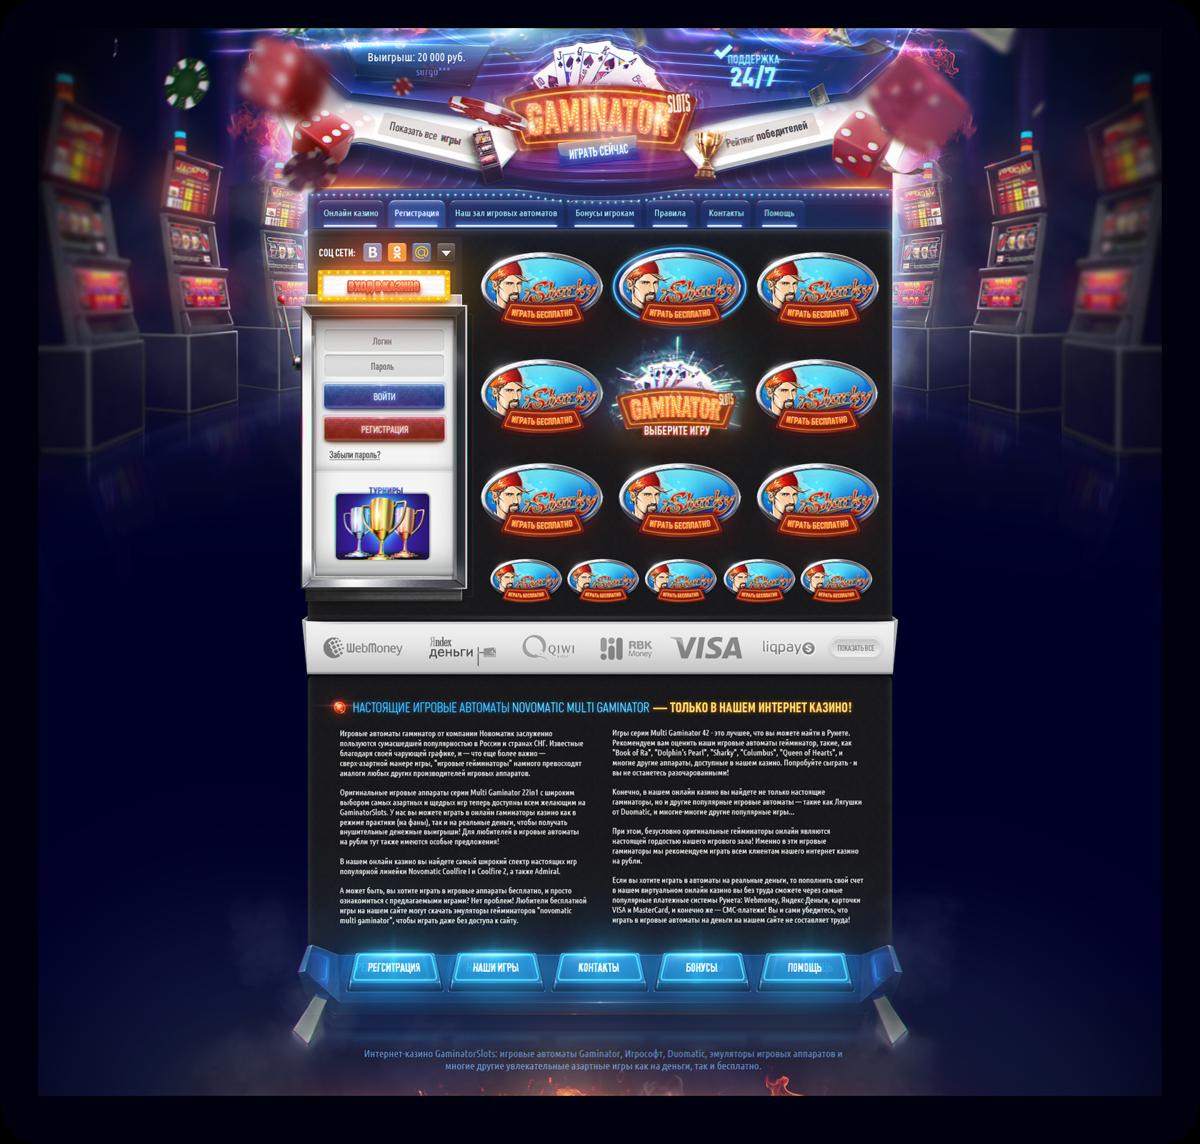 Ойын автоматы тренажеры онлайн режимінде тегін